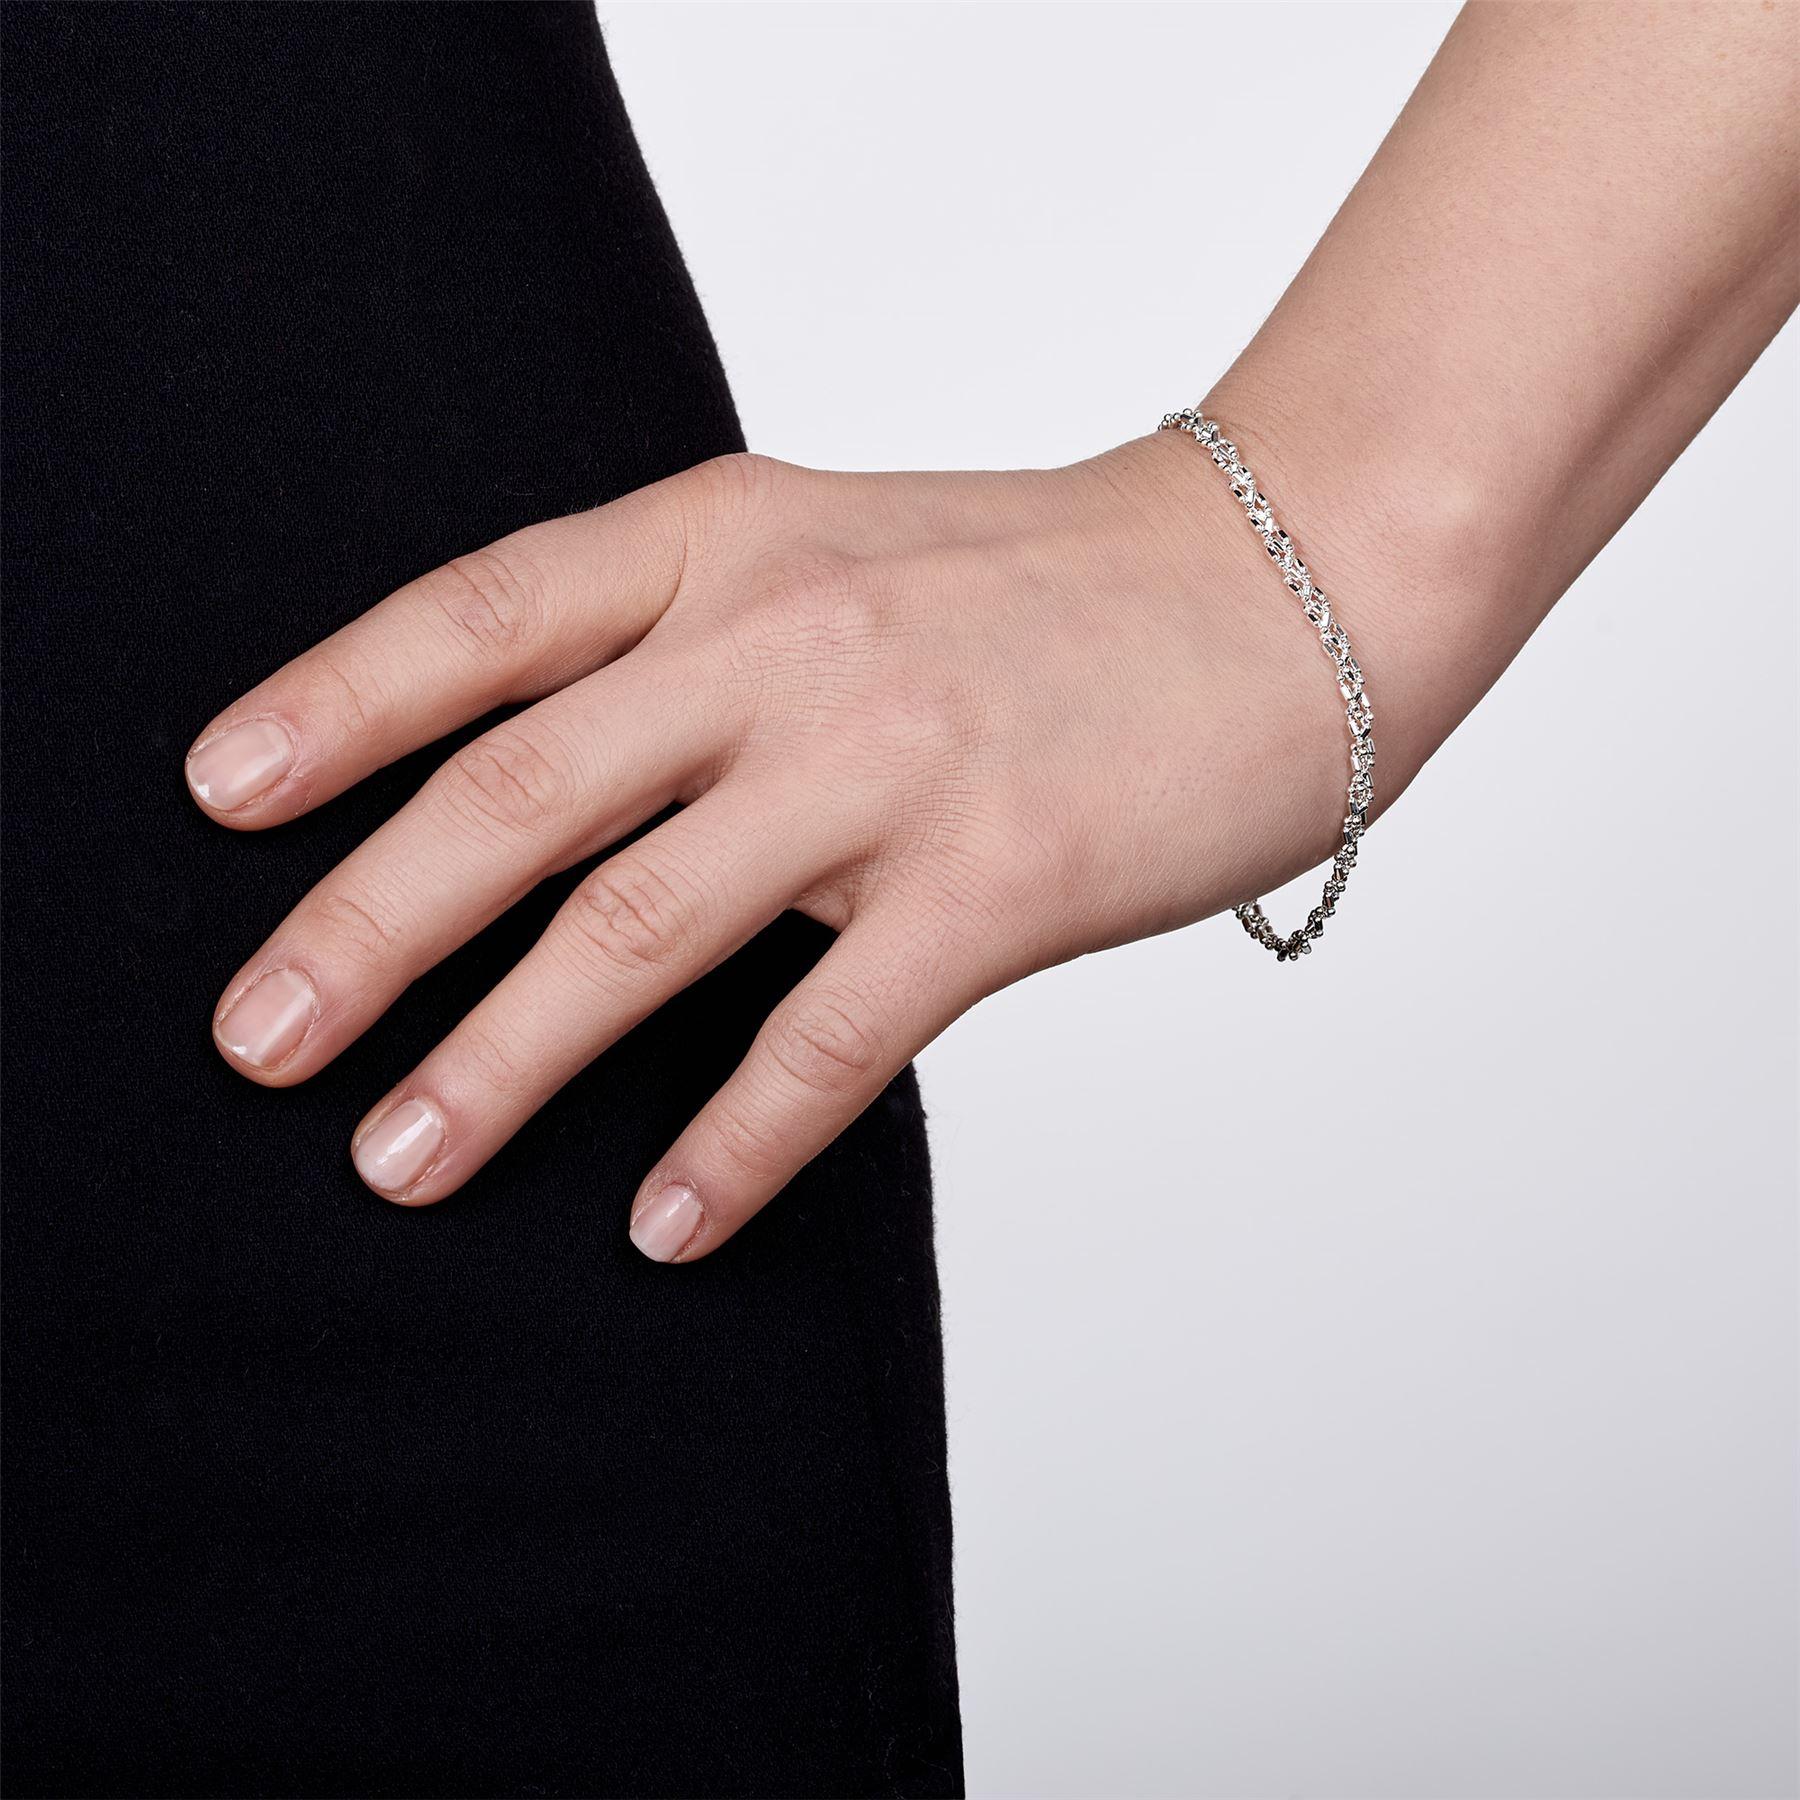 Amberta-Bijoux-Bracelet-en-Vrai-Argent-Sterling-925-Chaine-pour-Femme-a-la-Mode thumbnail 83